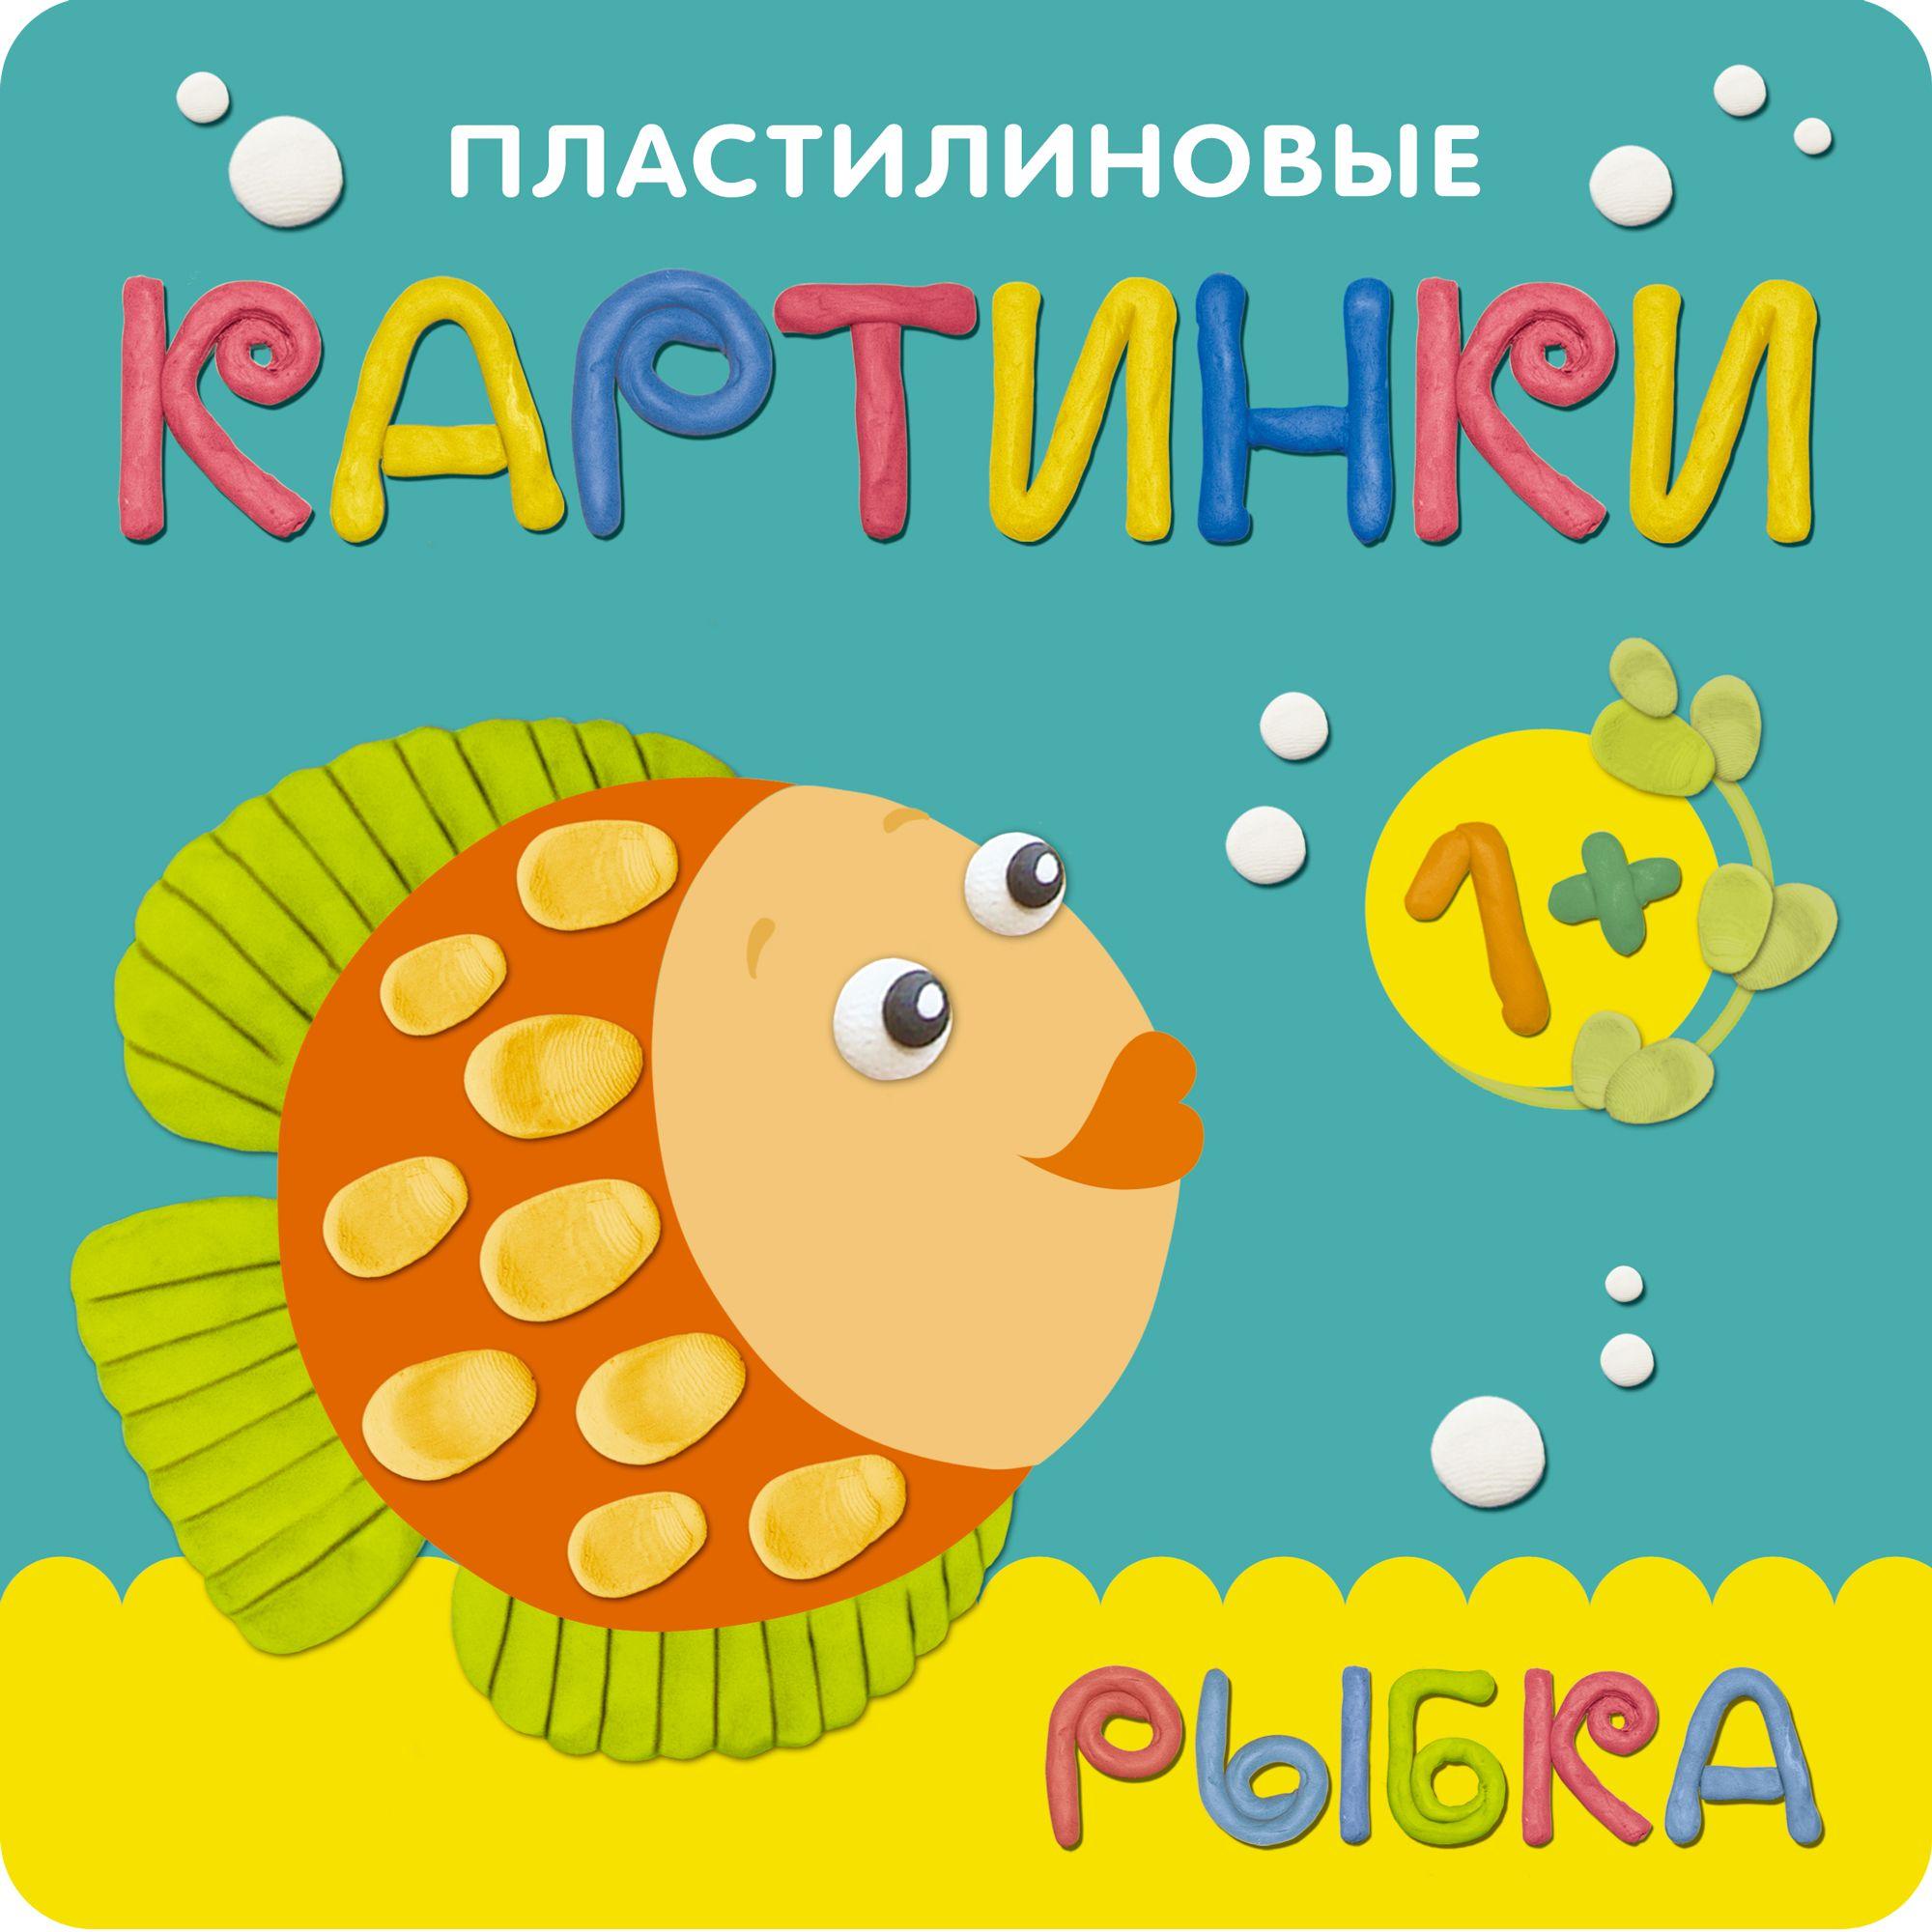 Пластилиновые картинки: Рыбка: Для детей от 1 года